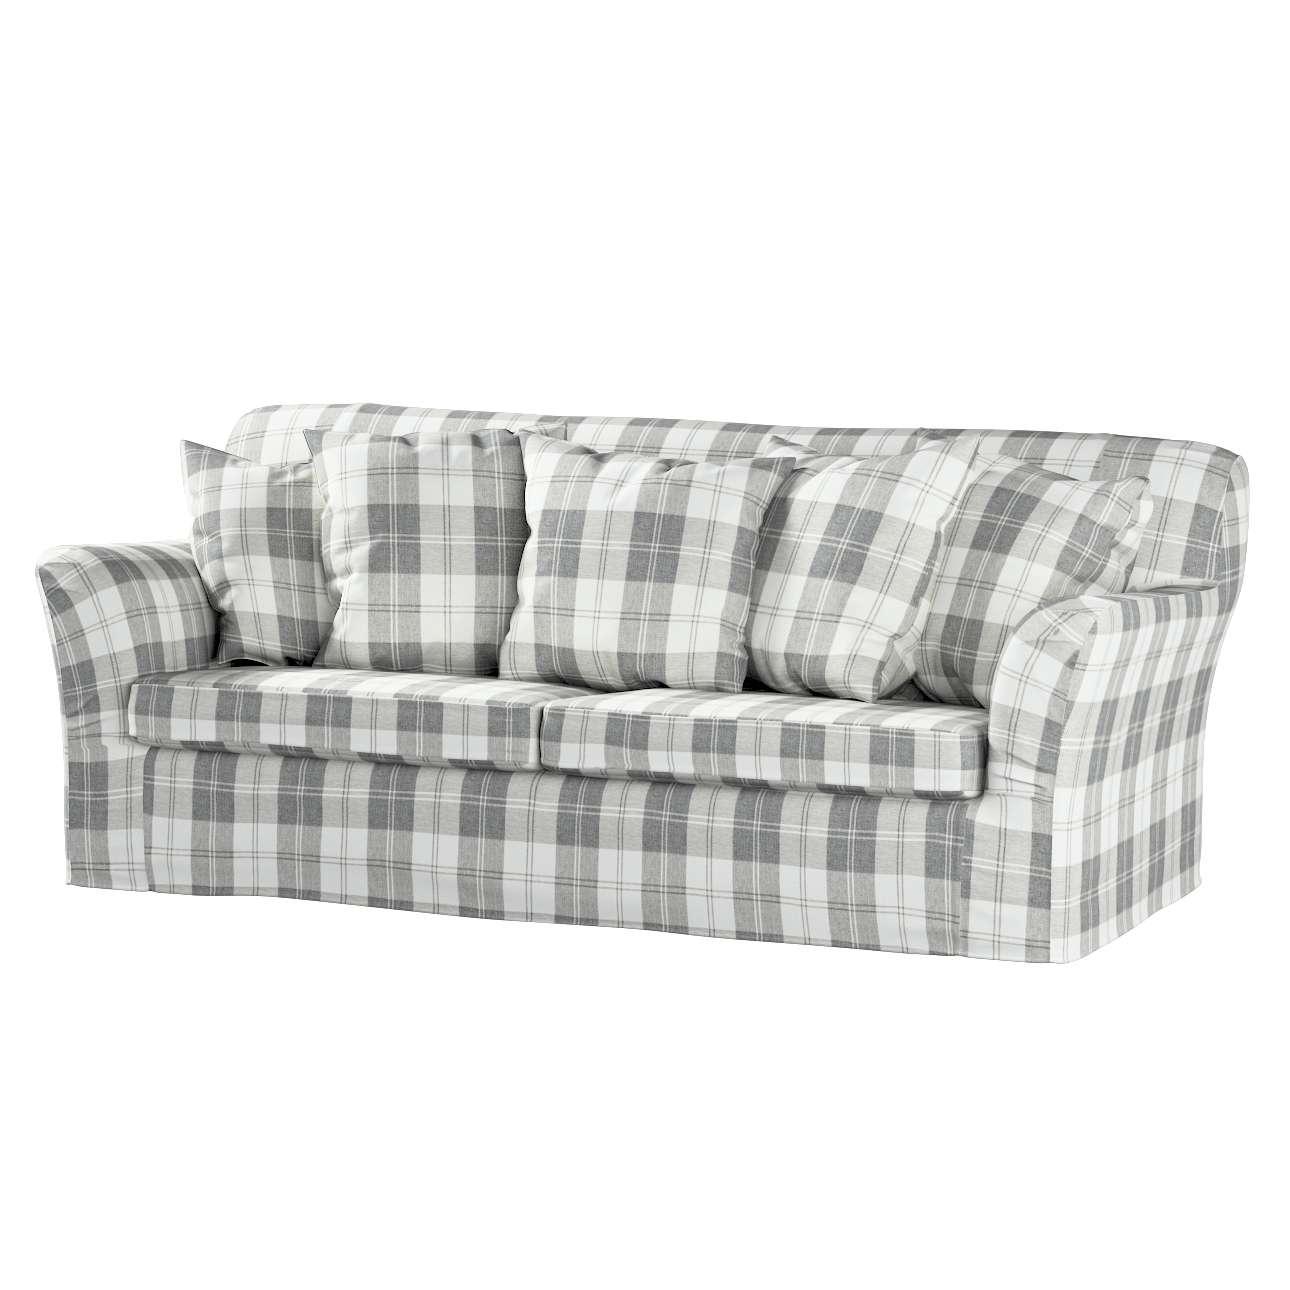 Pokrowiec na sofę Tomelilla rozkładaną Sofa Tomelilla rozkładana w kolekcji Edinburgh, tkanina: 115-79